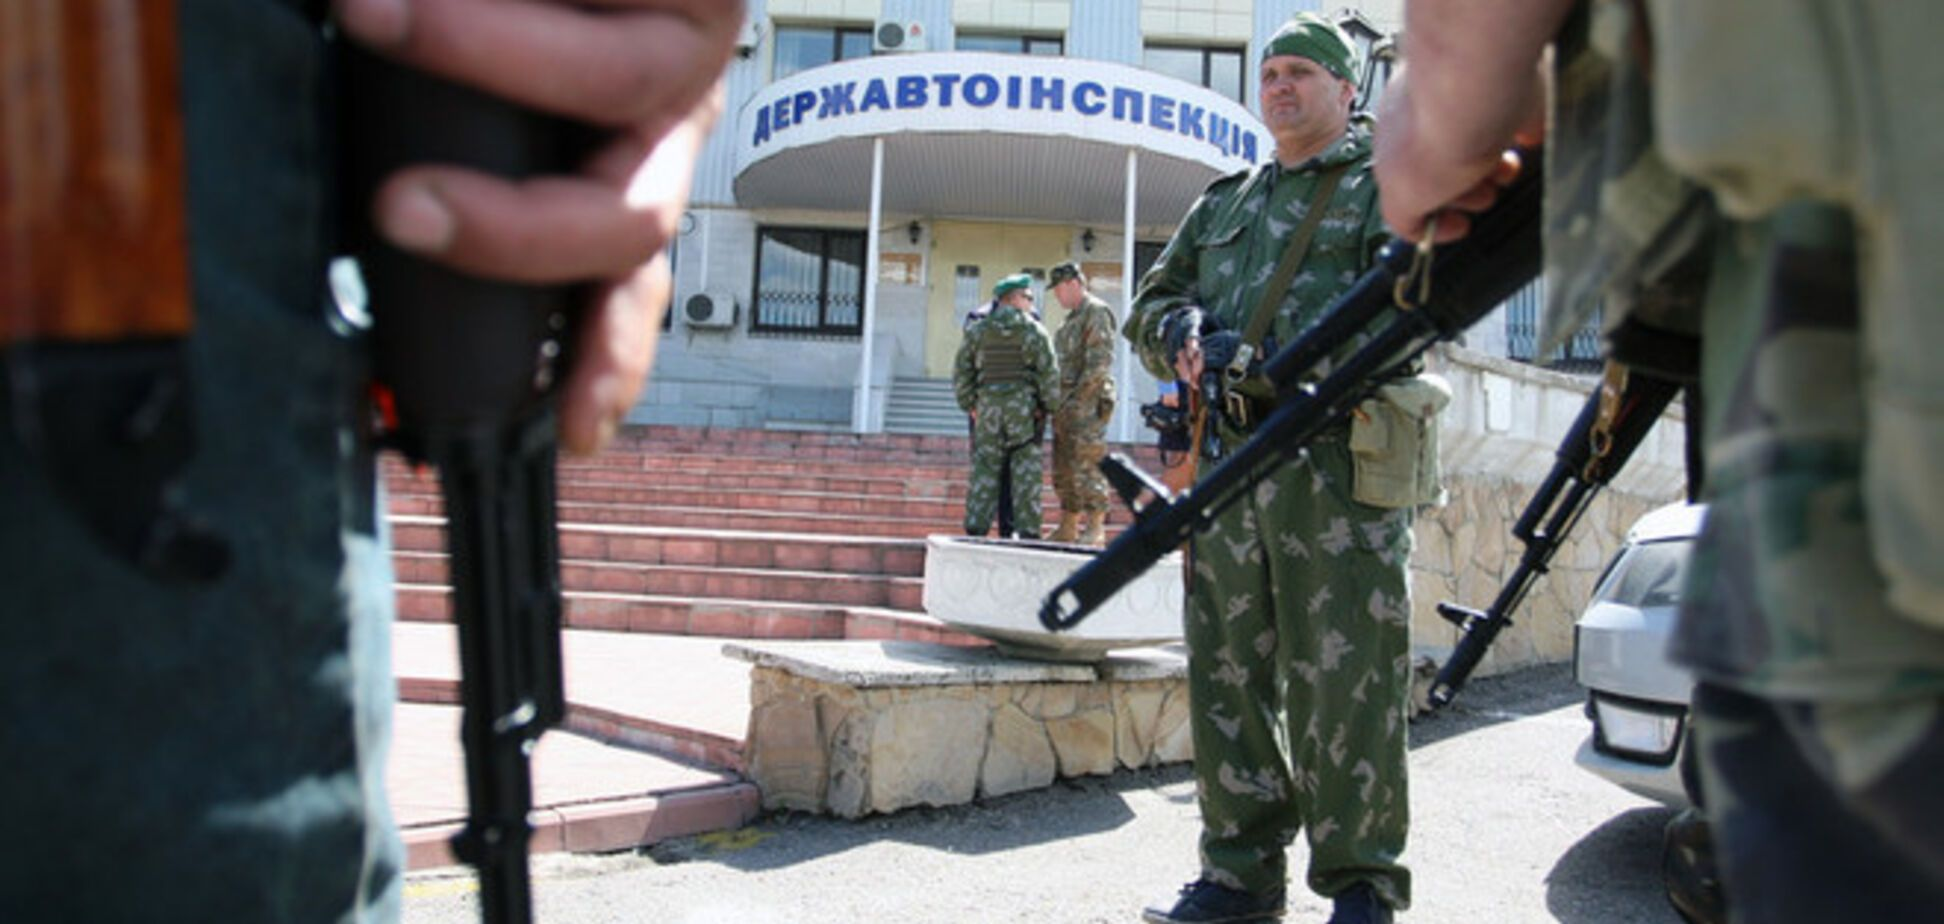 Після походу в міліцію зник житель Краматорська, який допомагав української армії